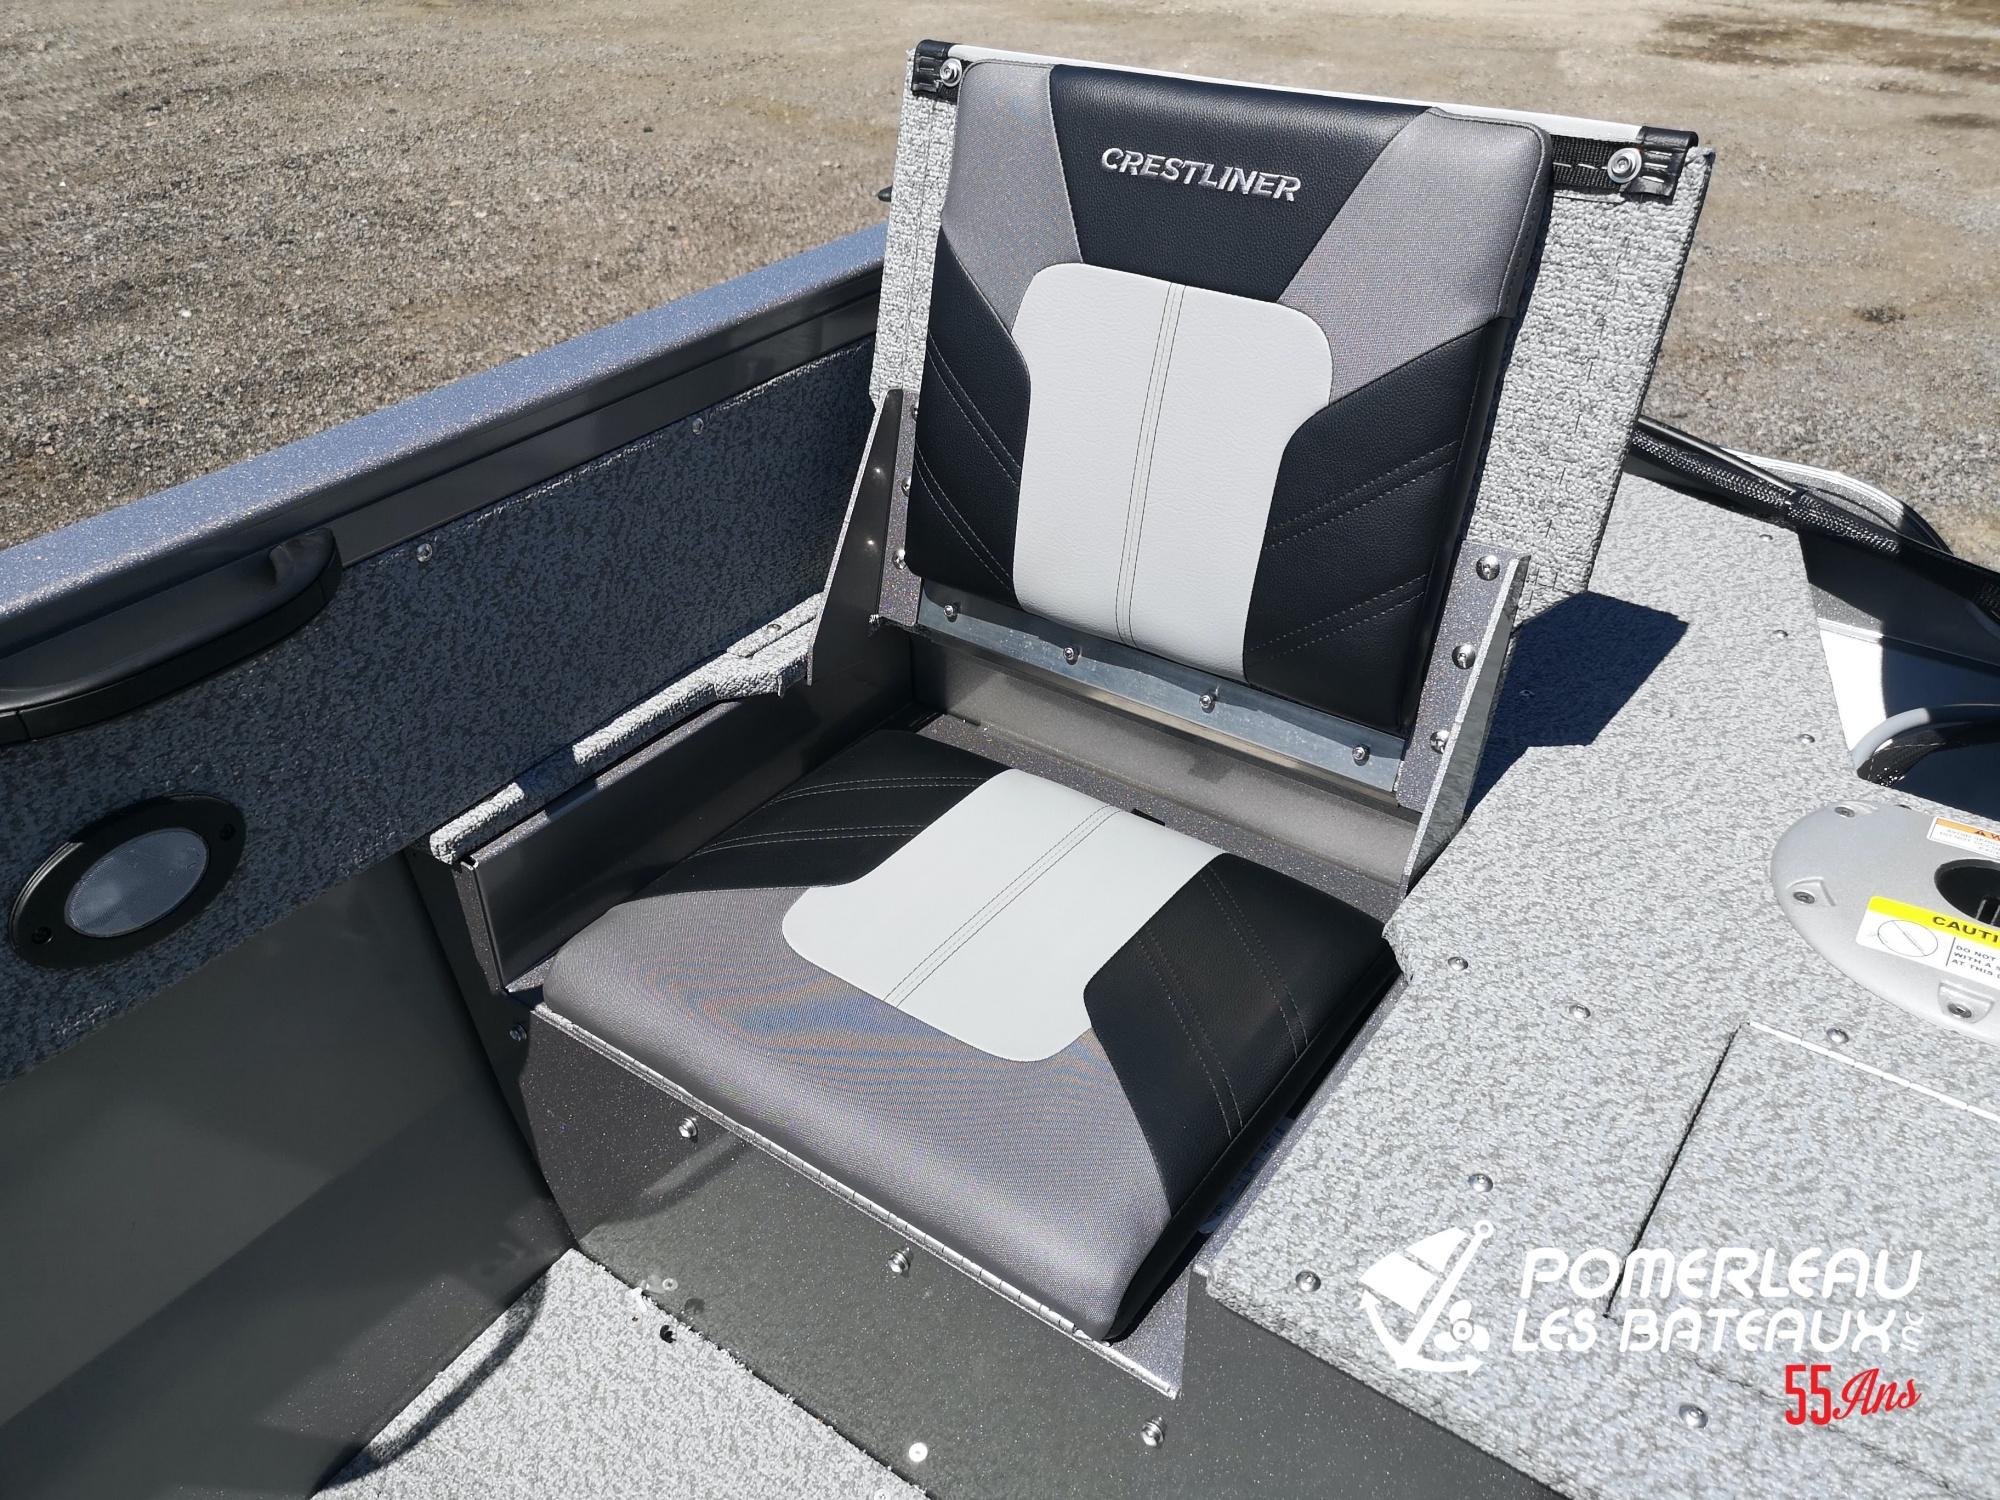 Crestliner Vision - IMG_20210712_113434